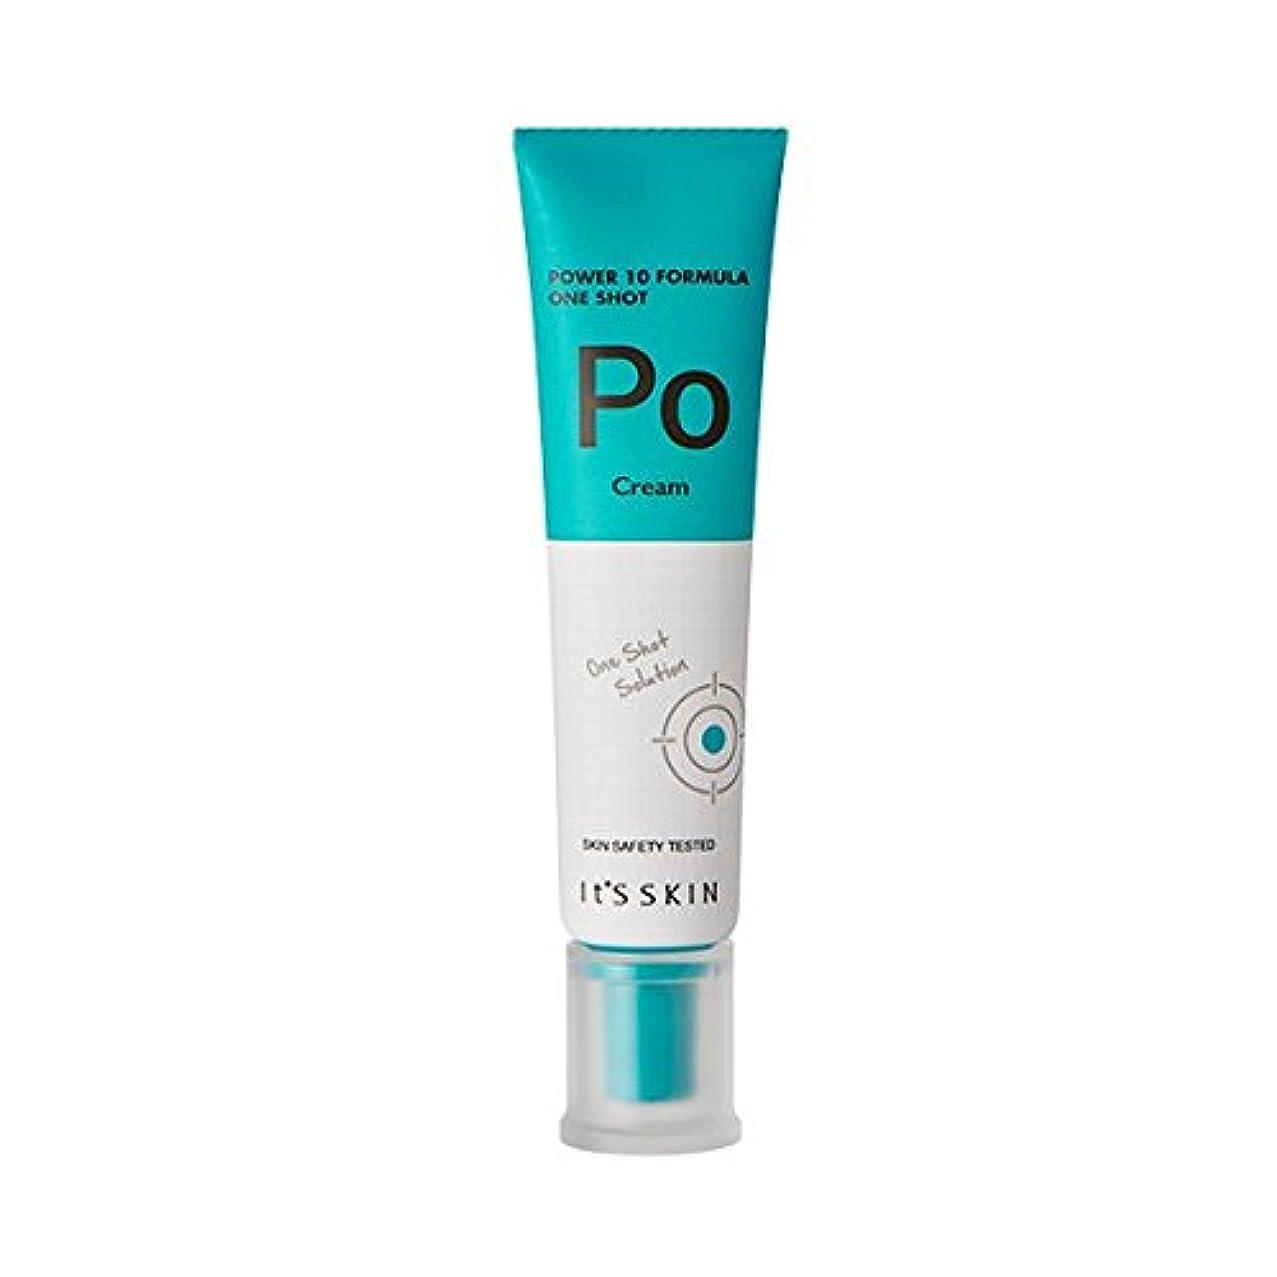 軍マット優雅な[New] It's Skin Power 10 Formula One Shot Cream (Po) / イッツスキンパワー10 フォーミュラワンショットクリーム [並行輸入品]